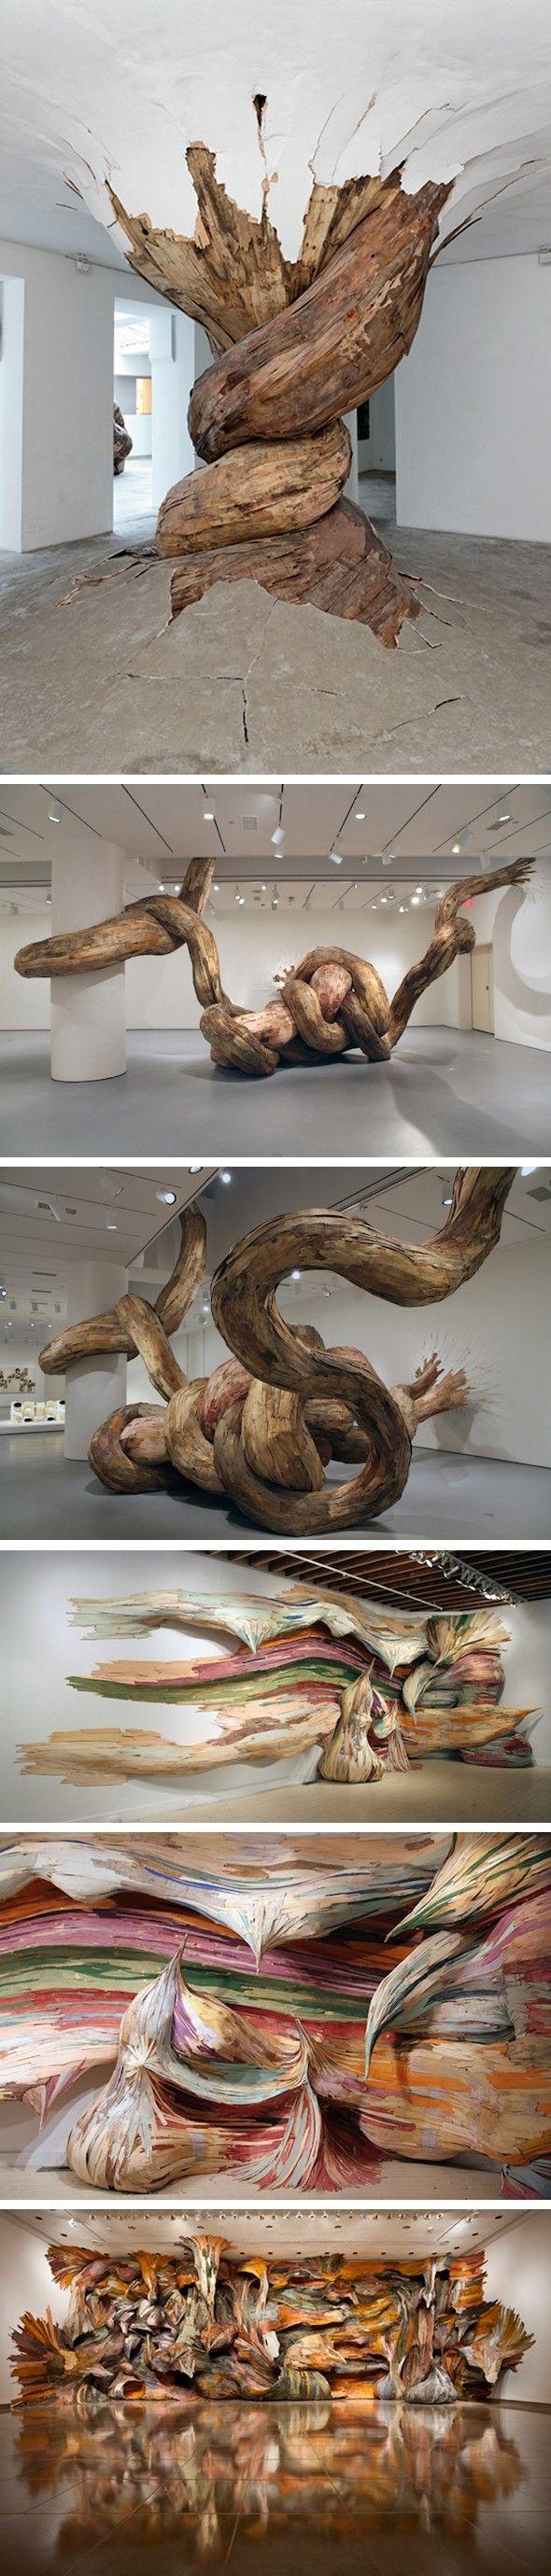 Arbres en torsion Sculpteur et peintre brésilien, Henrique Oliveira, a une imagination débordante, il n'y aucun autre moyen d'expliquer la genèse de son in